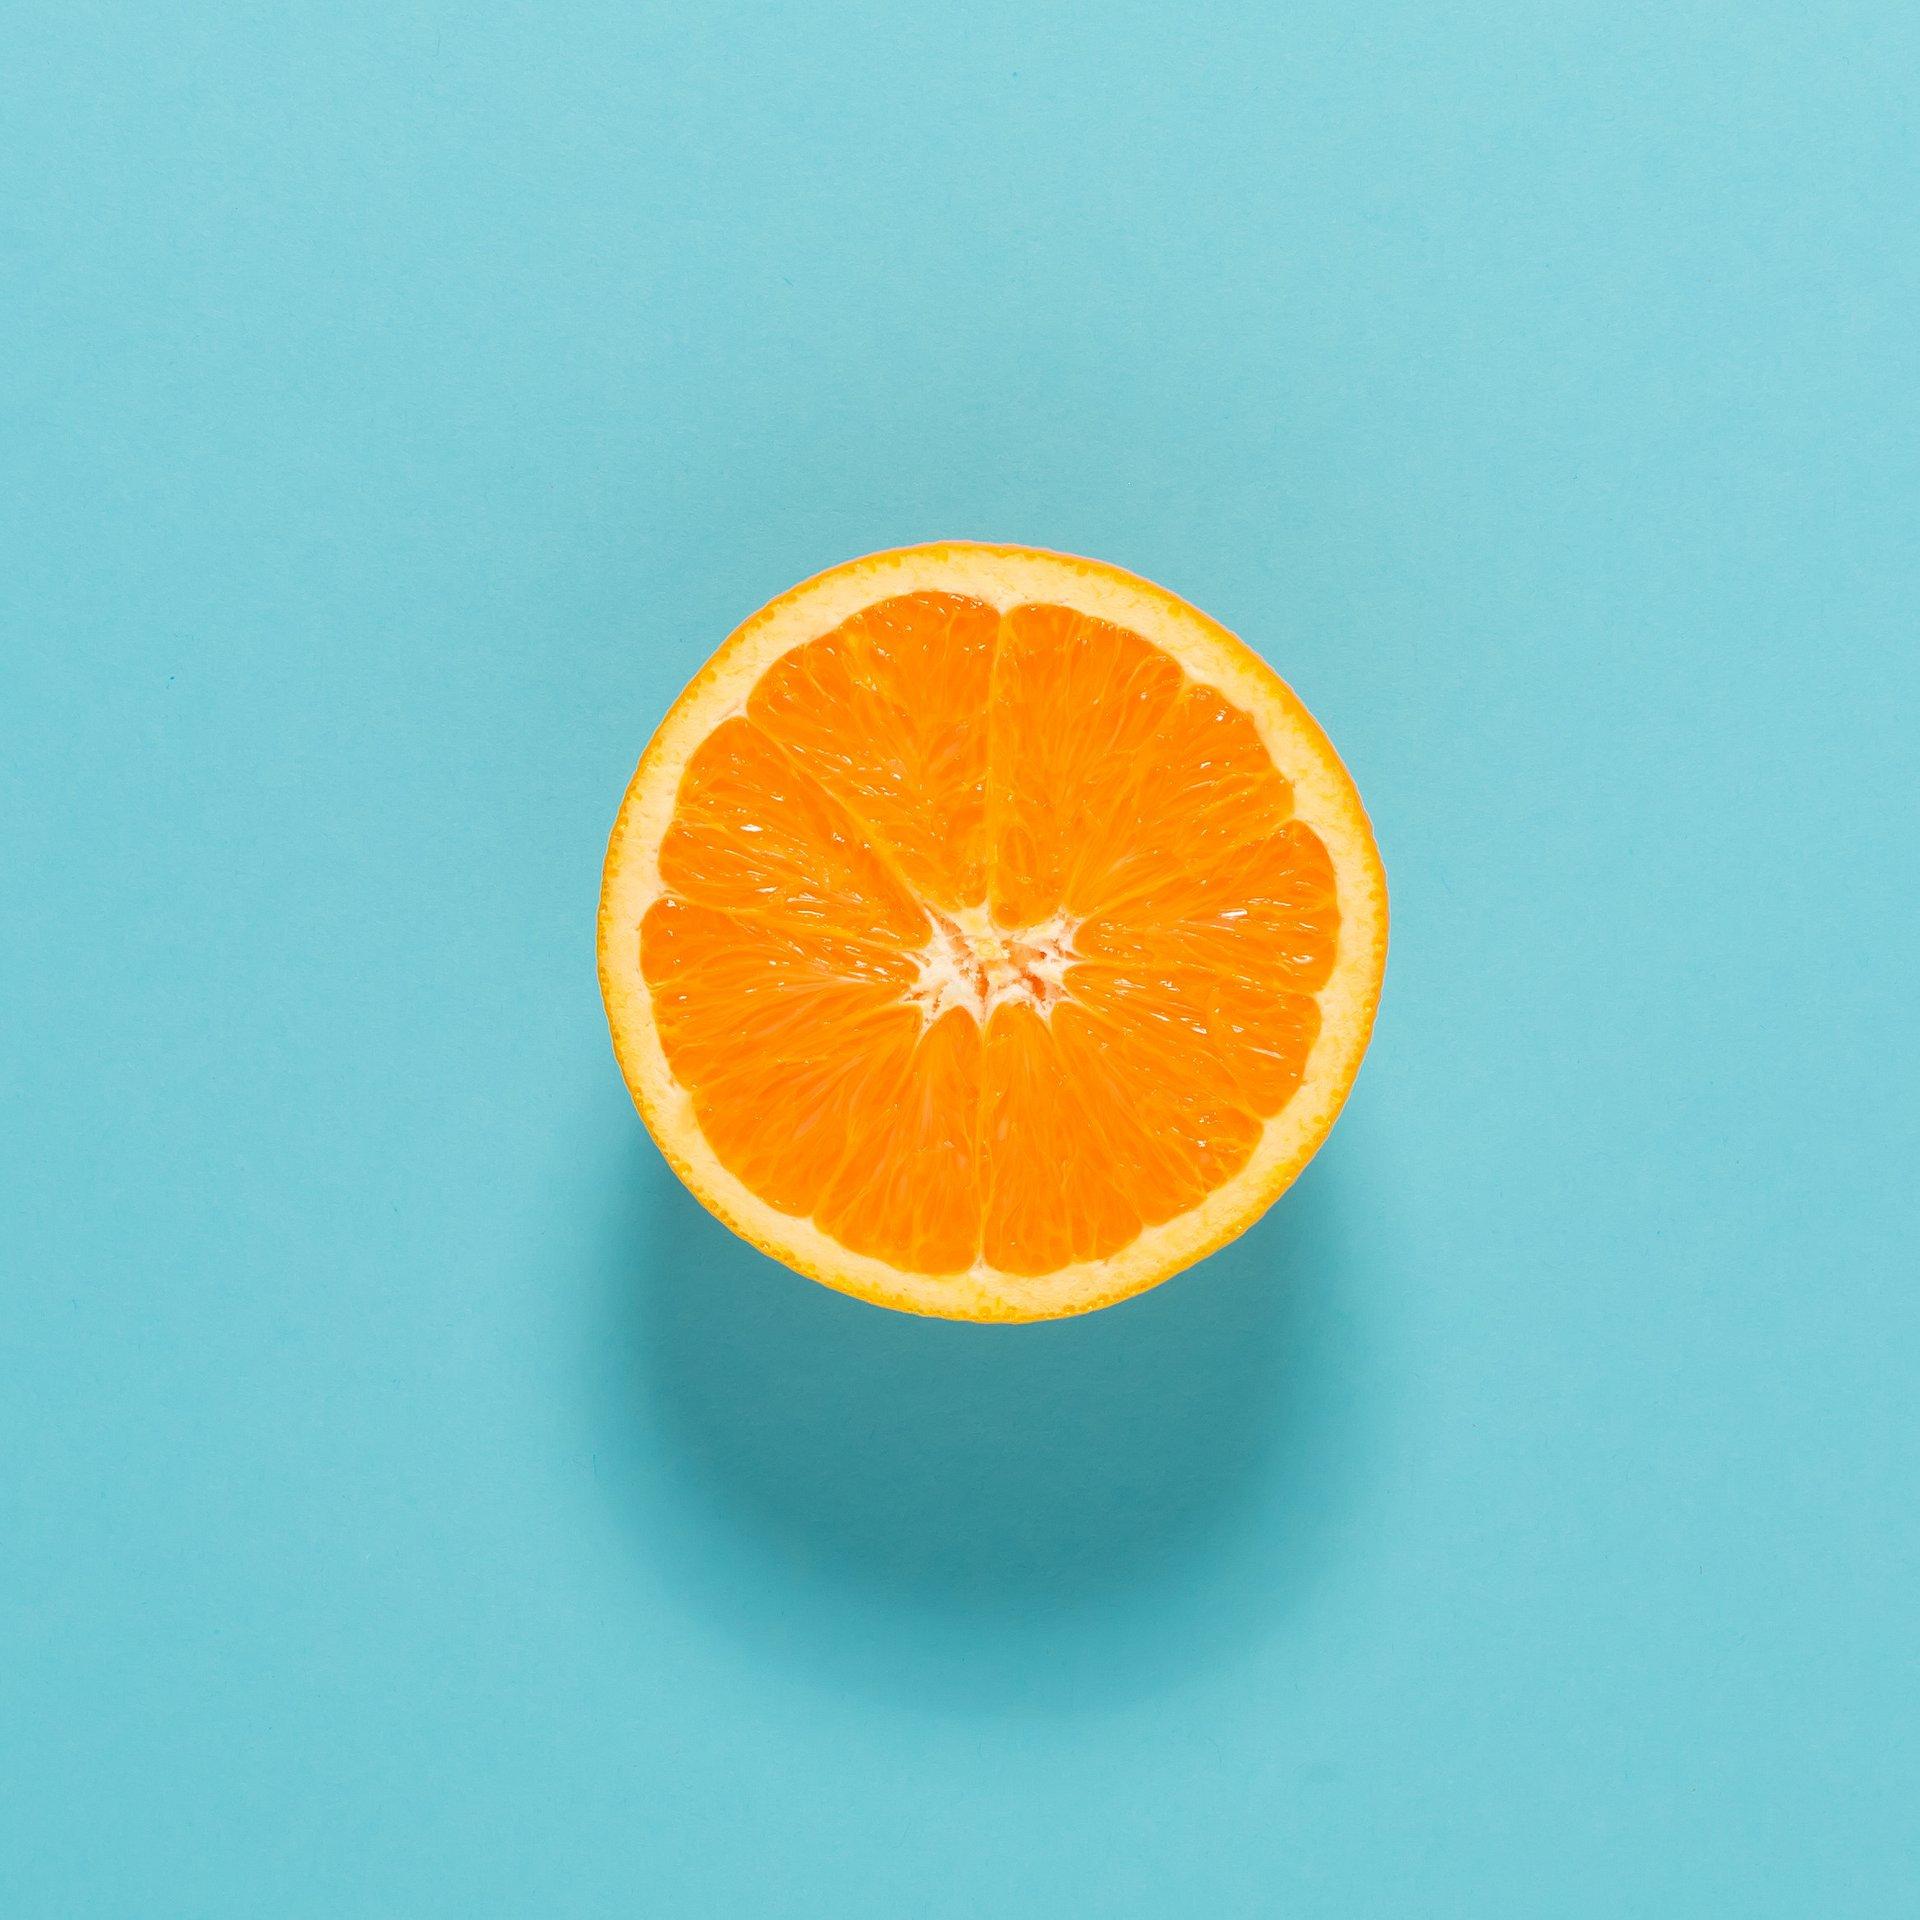 Nowe badania naukowe udowadniają, że 100% sok pomarańczowy ma zaskakujące właściwości zdrowotne